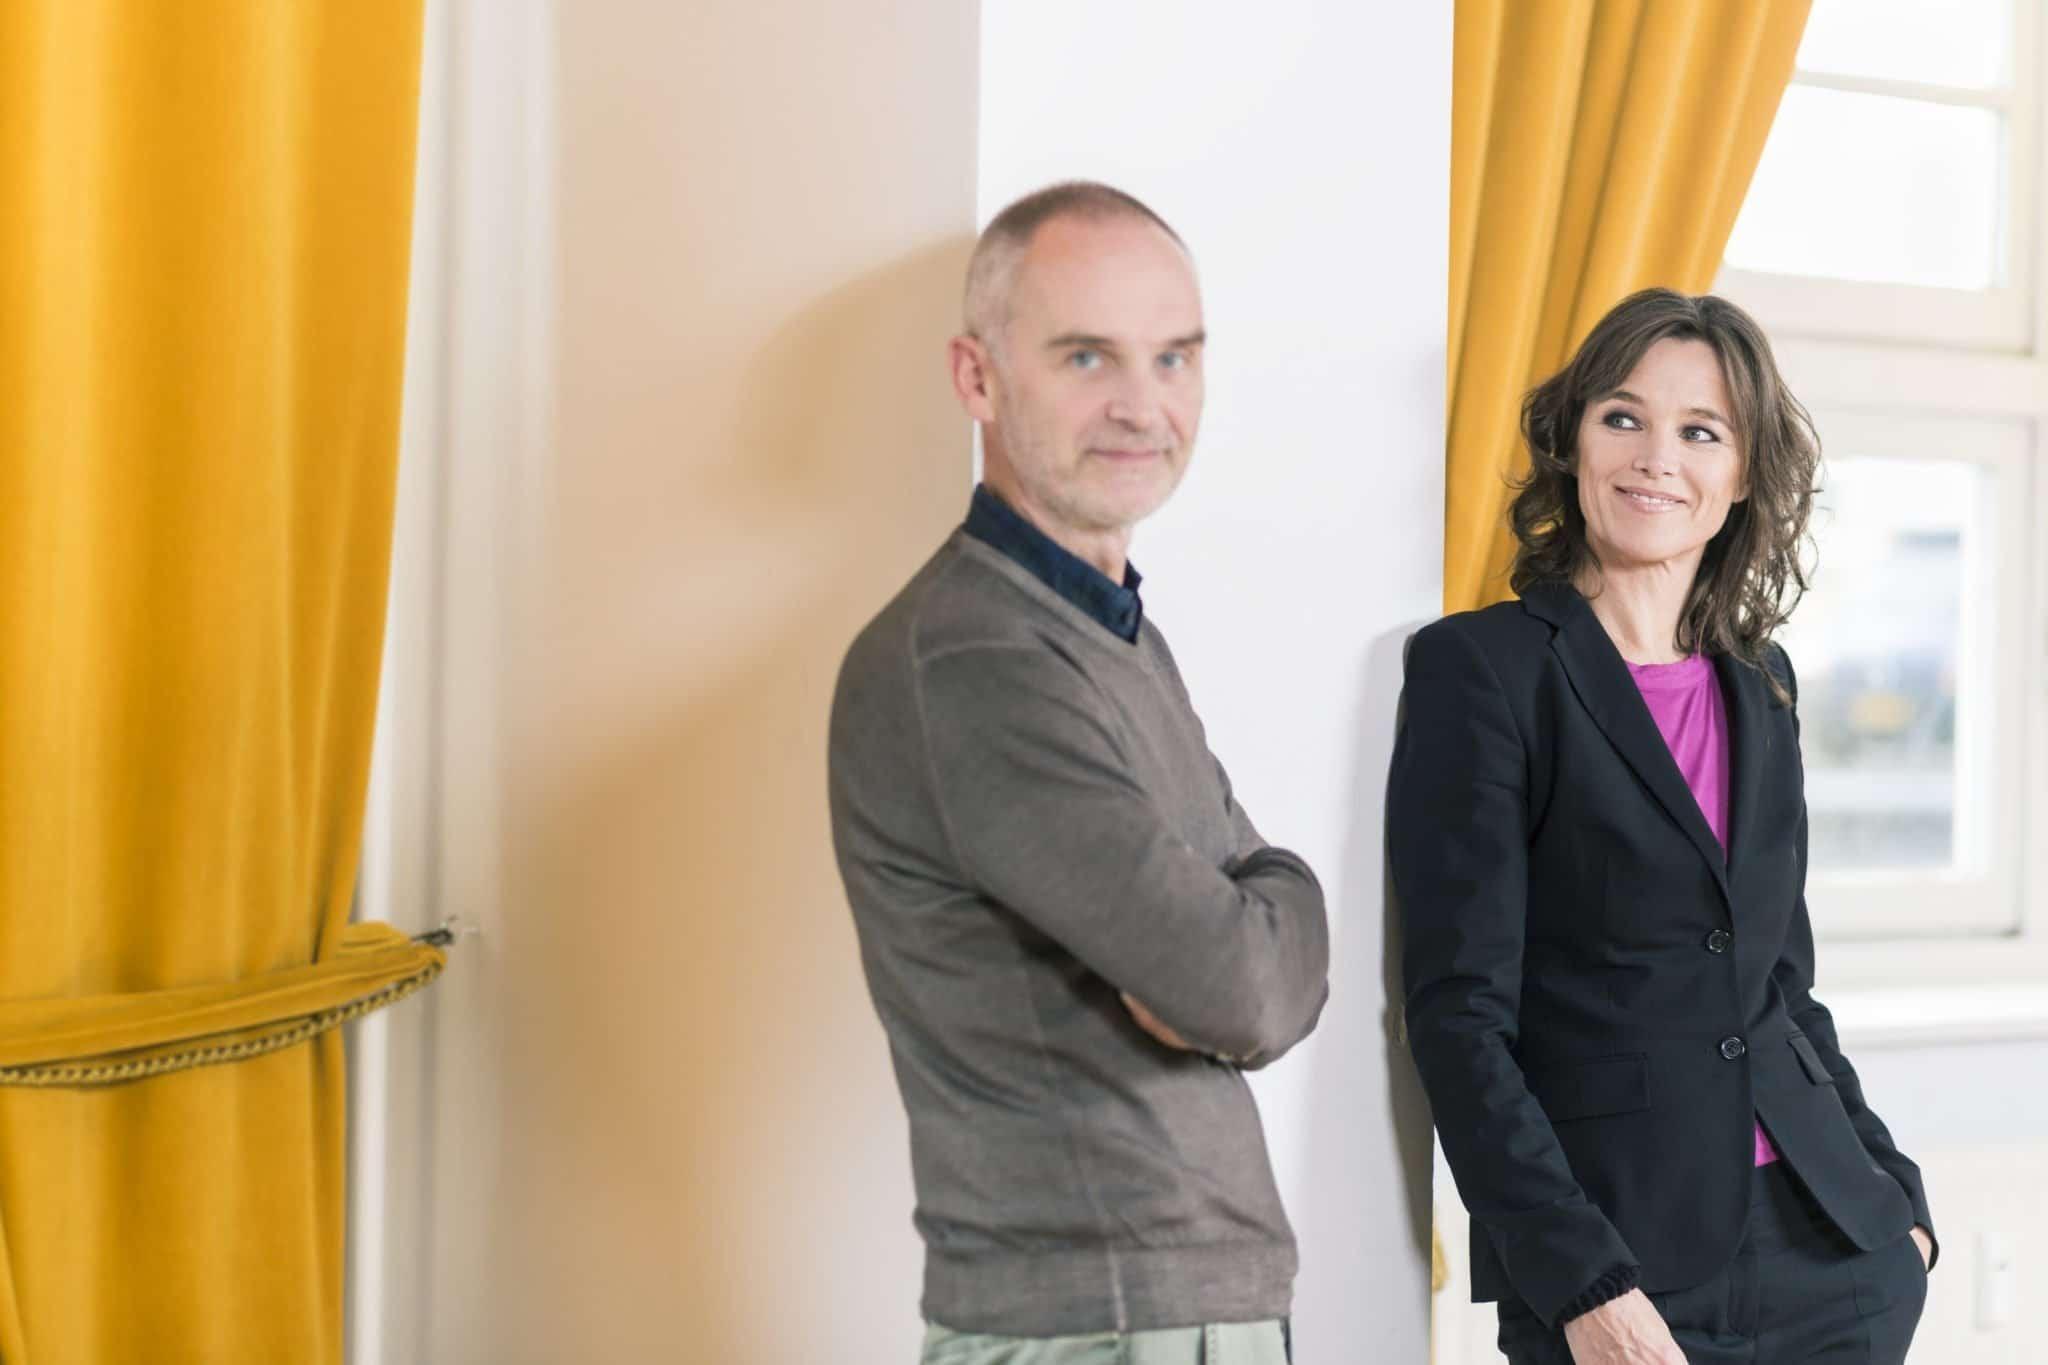 Pascalle Neassens en Hanno Pijl samen op de voorgrond